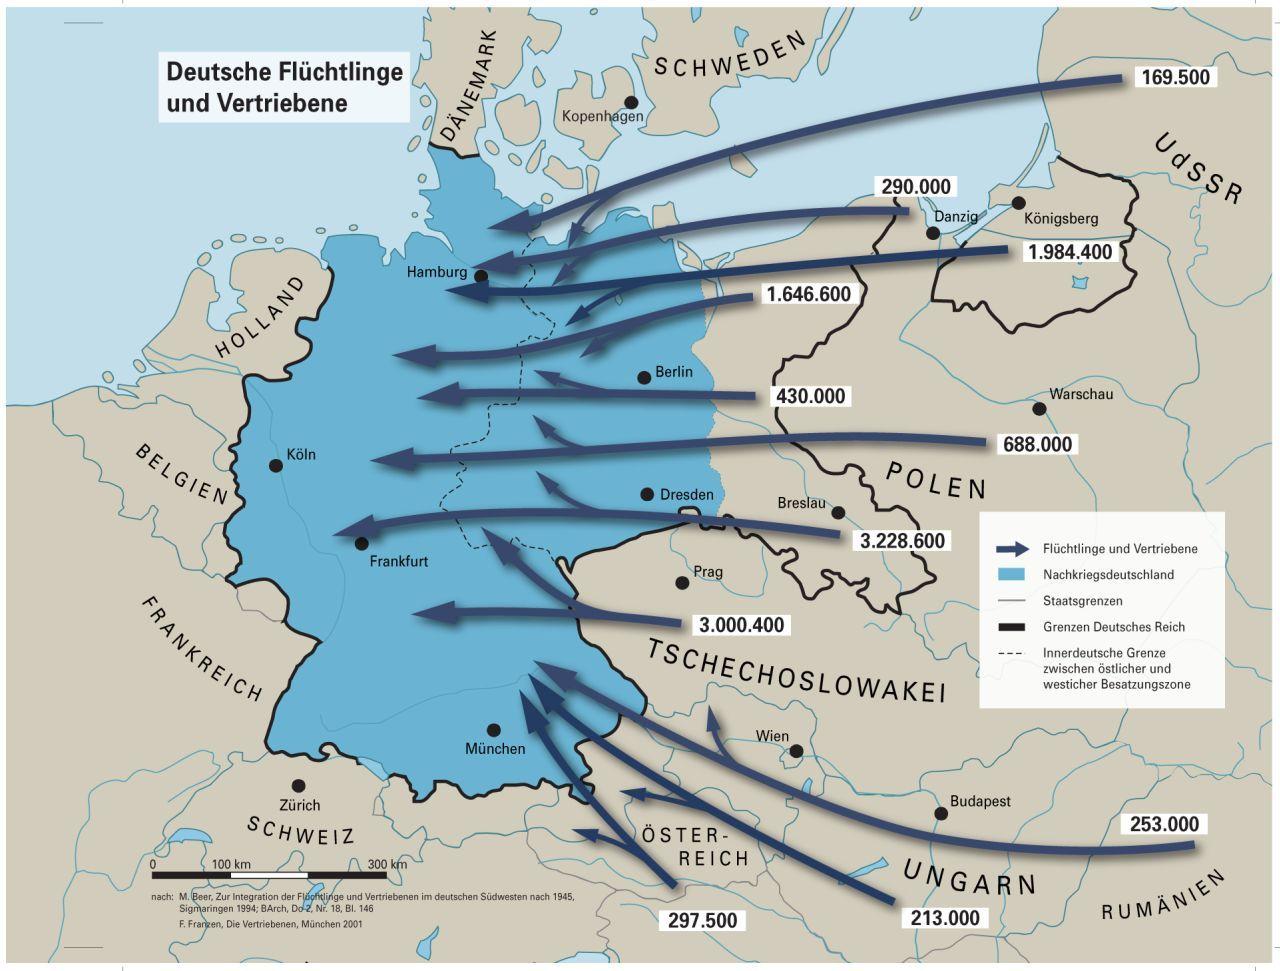 Pin Von Mirko Auf Deutschland In 2020 Kartographie Landkarte